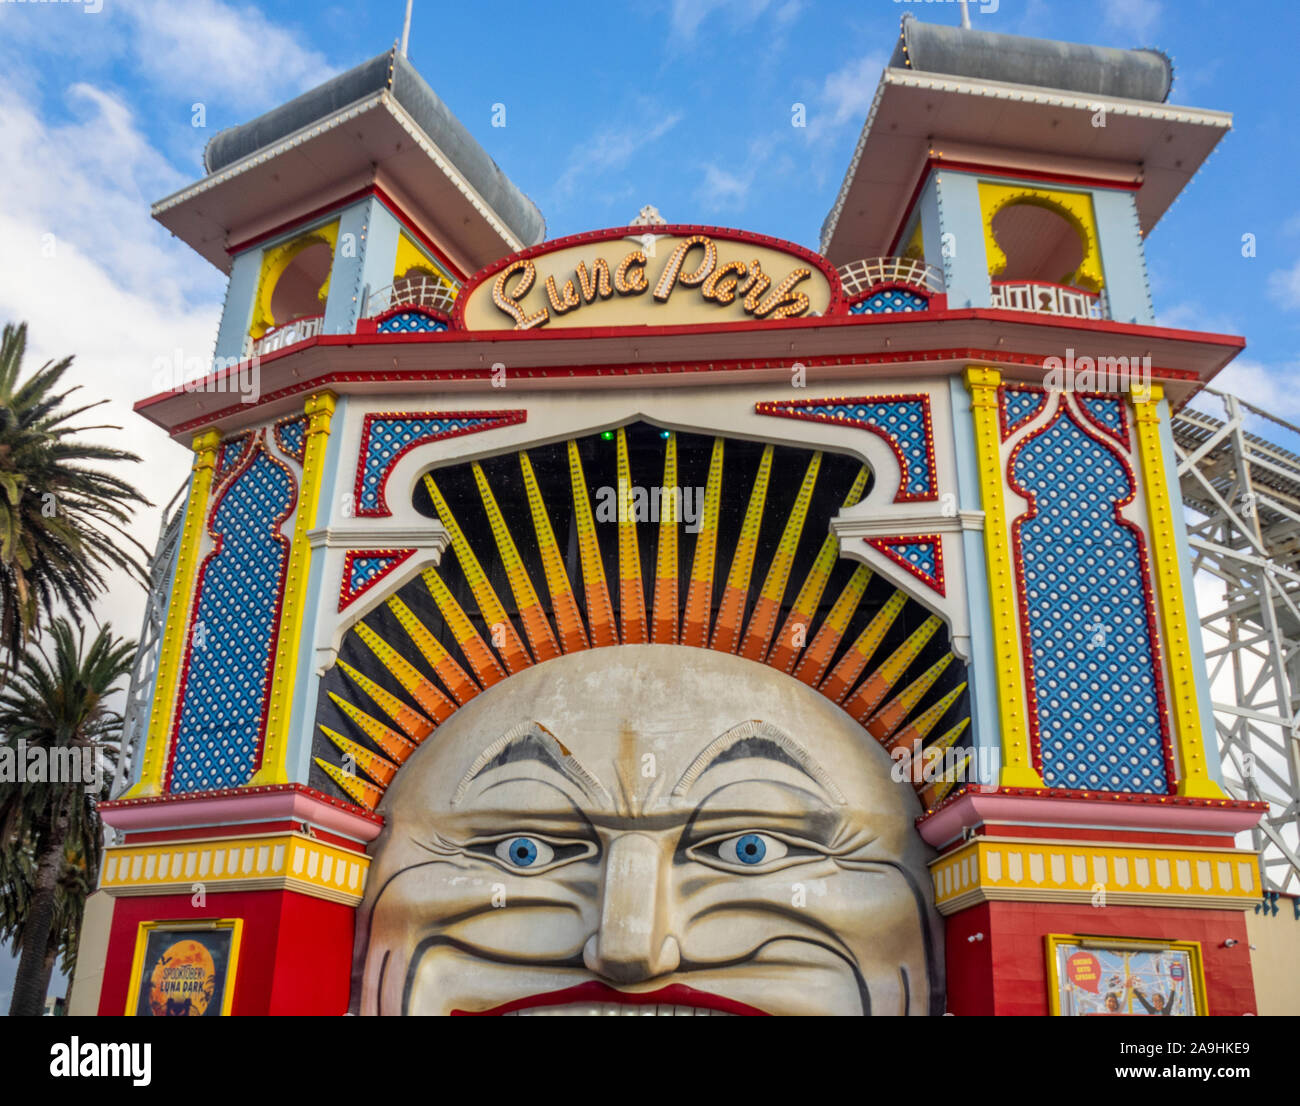 Iconic Herr mond Gesicht Eingang zum Luna Park amusement park Messegelände in St Kilda Melbourne, Victoria, Australien. Stockfoto